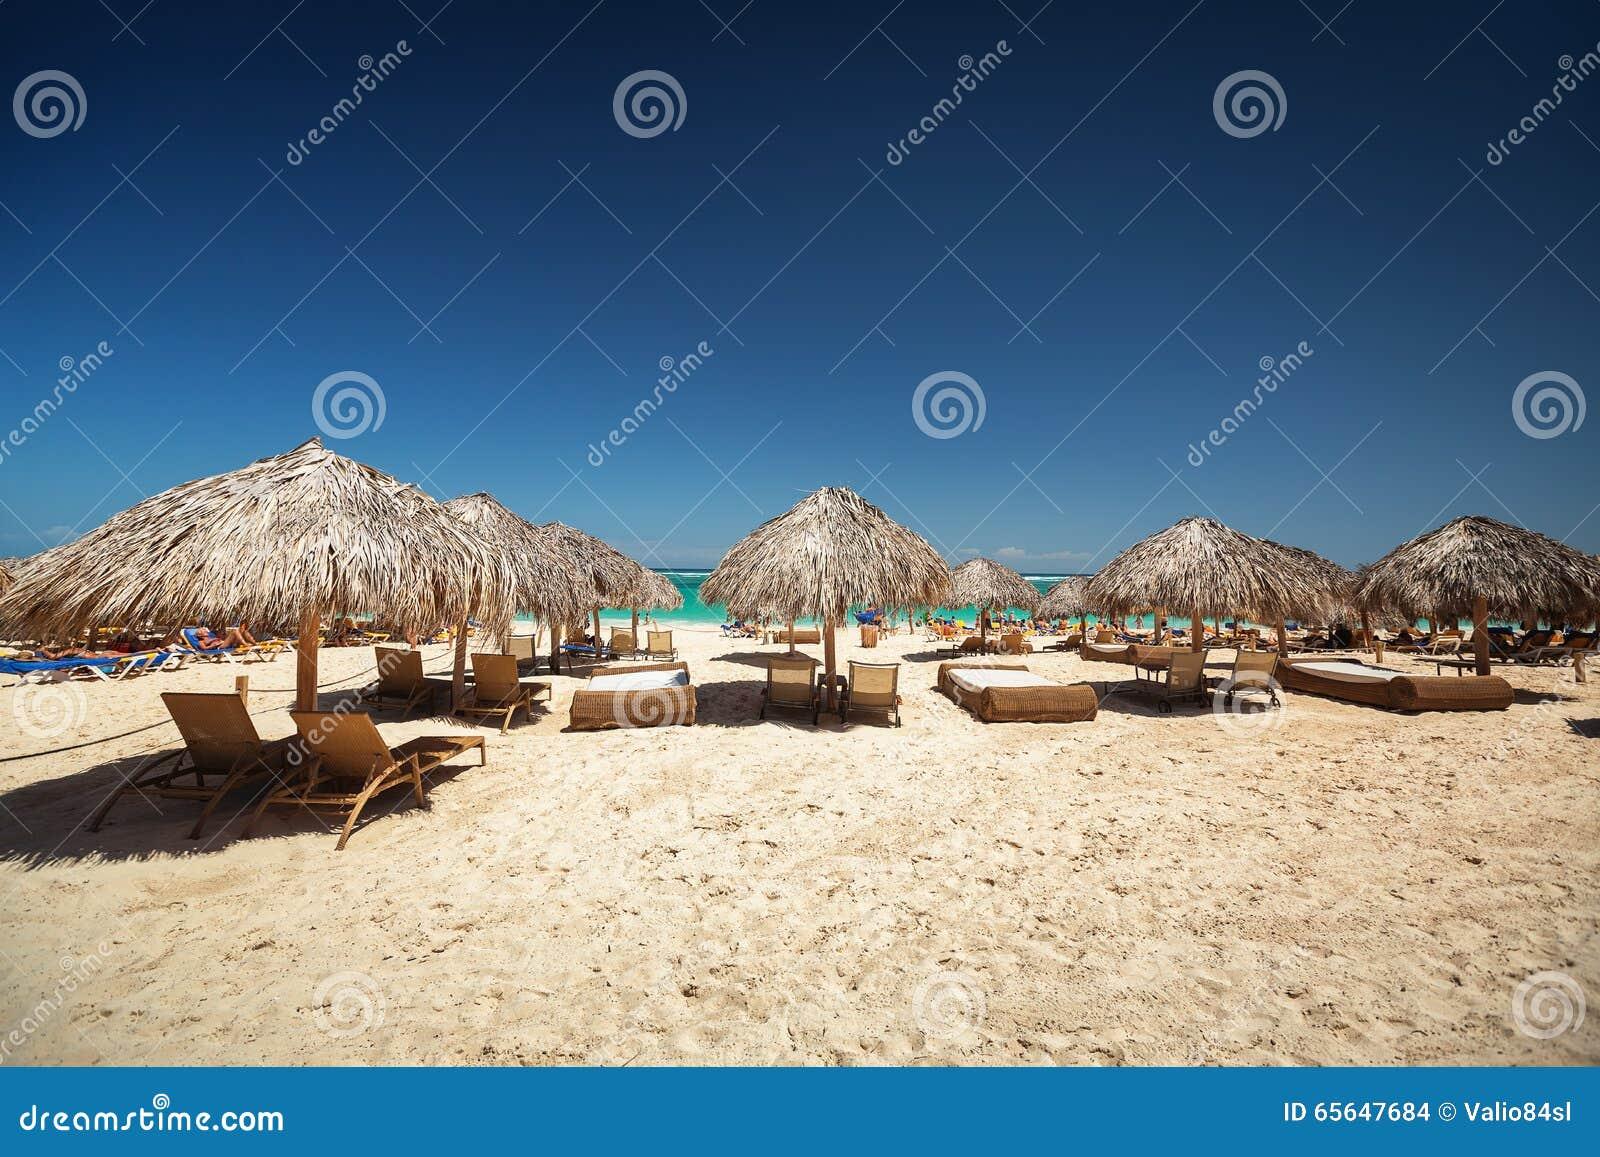 Vacances des Caraïbes, belle plage tropicale